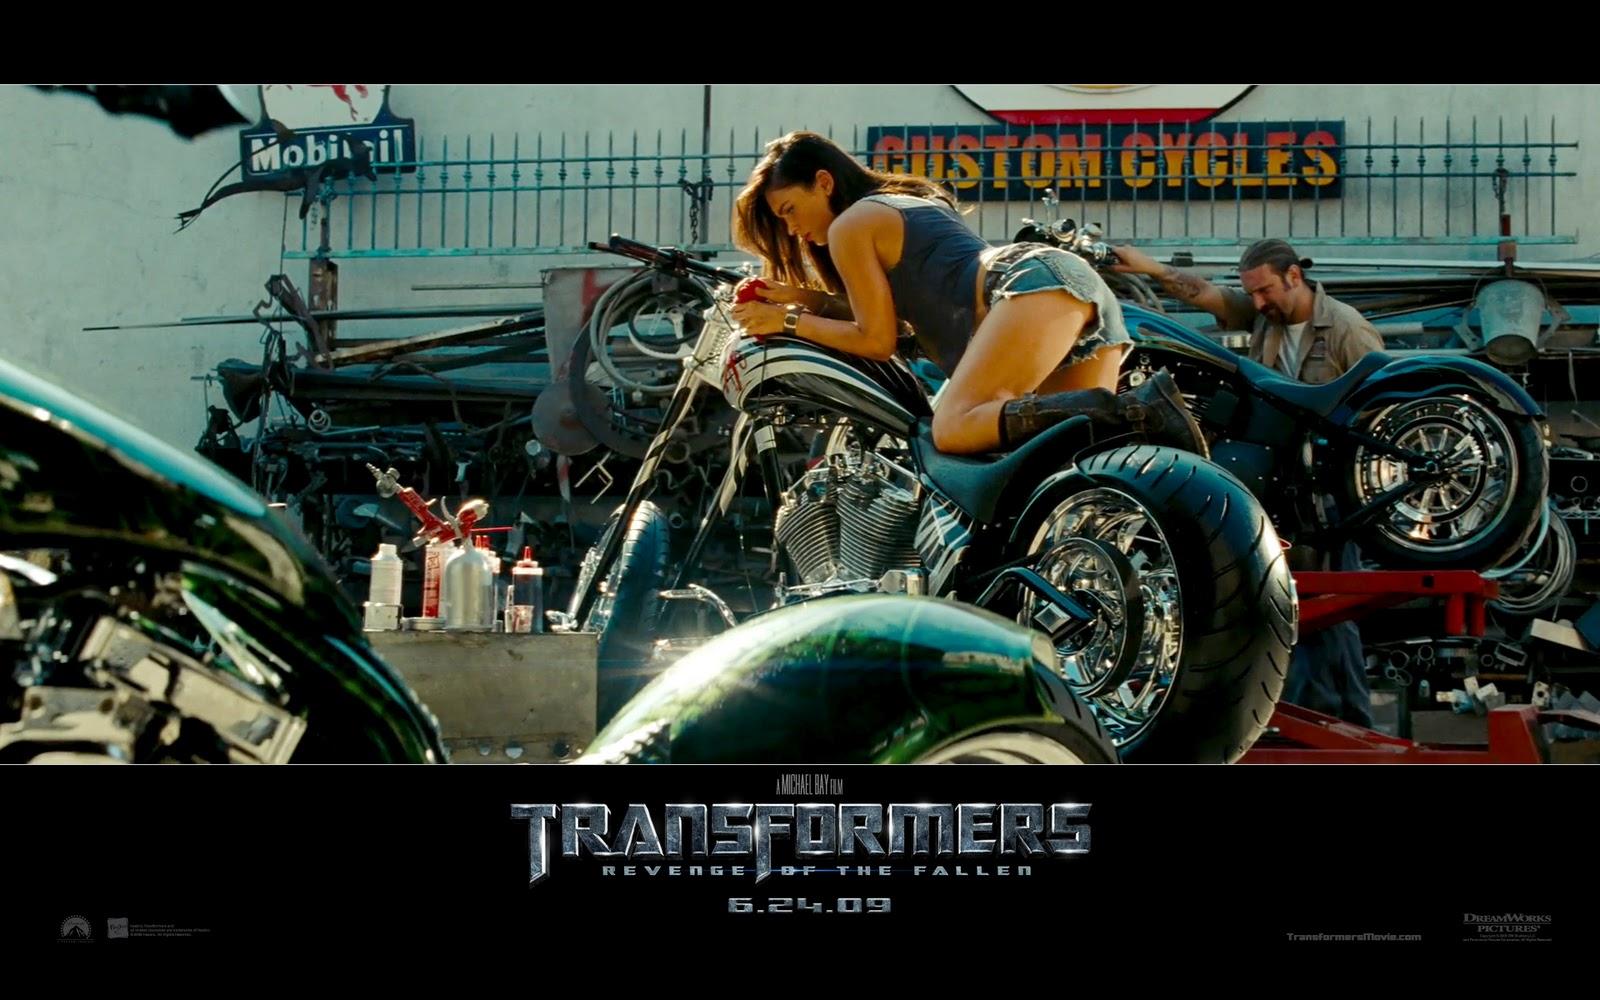 http://1.bp.blogspot.com/_7ub7OOBg4Xc/TTDpaRM6LiI/AAAAAAAAAWM/SHWsbR0PlR4/s1600/transformers+2+Wallpaper.jpg